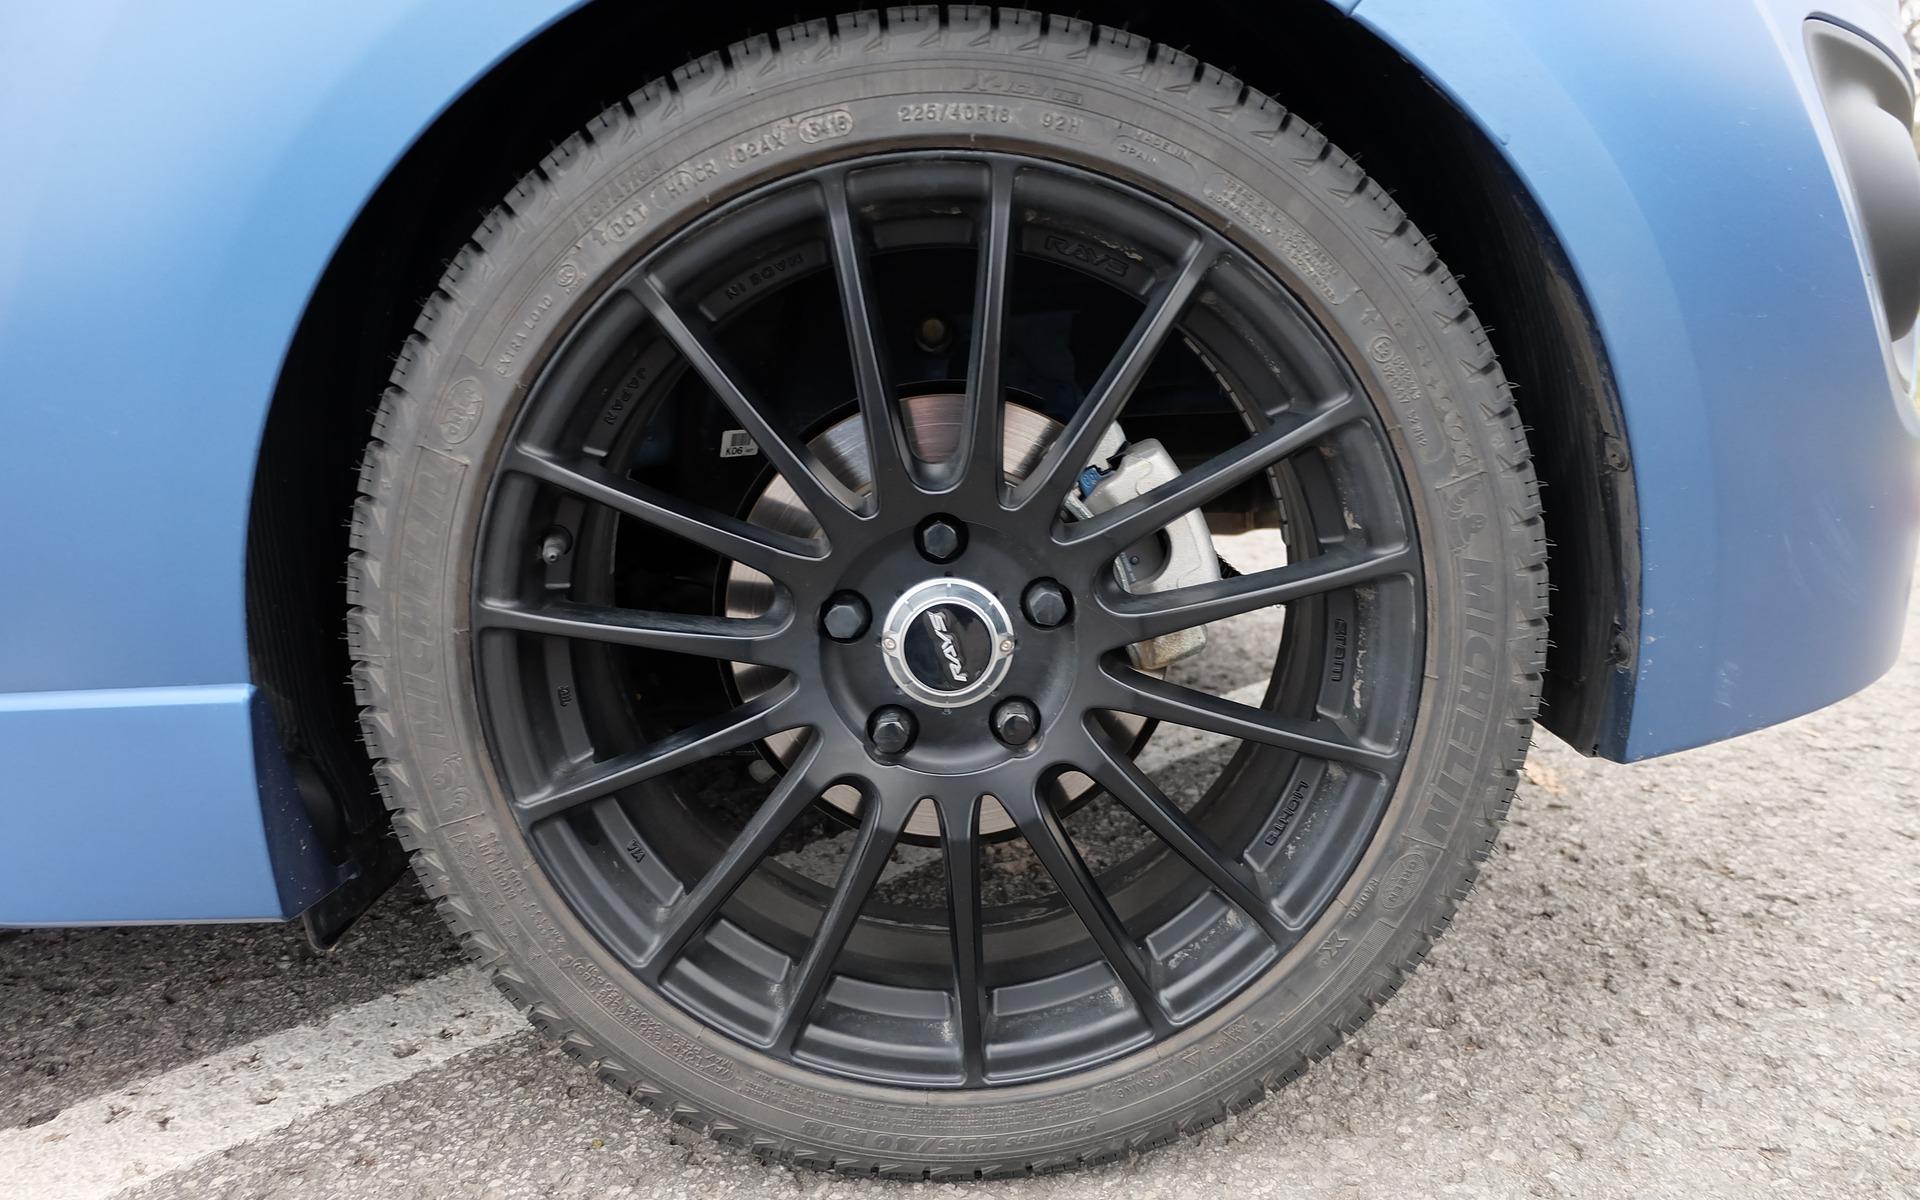 les roues RAYS de 18 pouces sont de série.